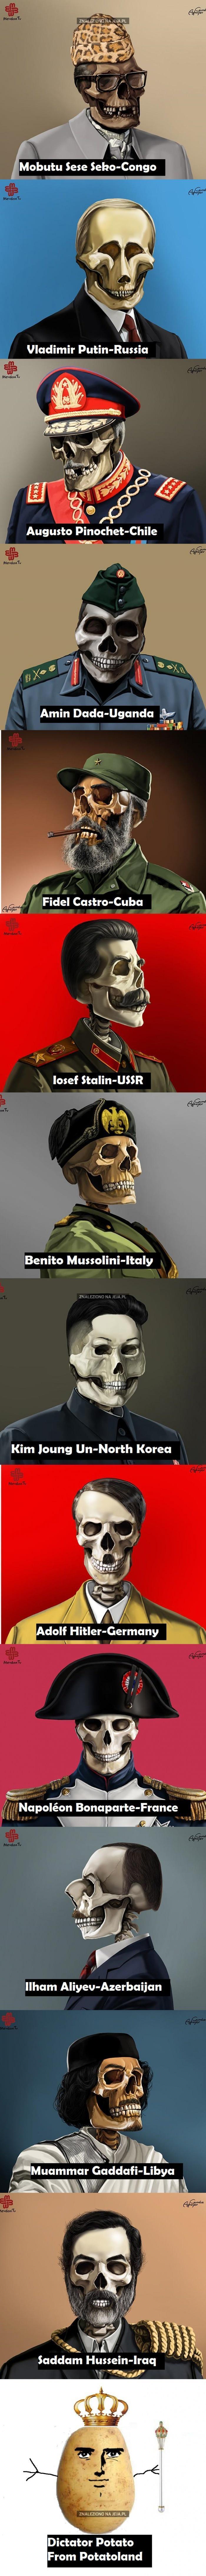 Satyryczne portrety dyktatorów